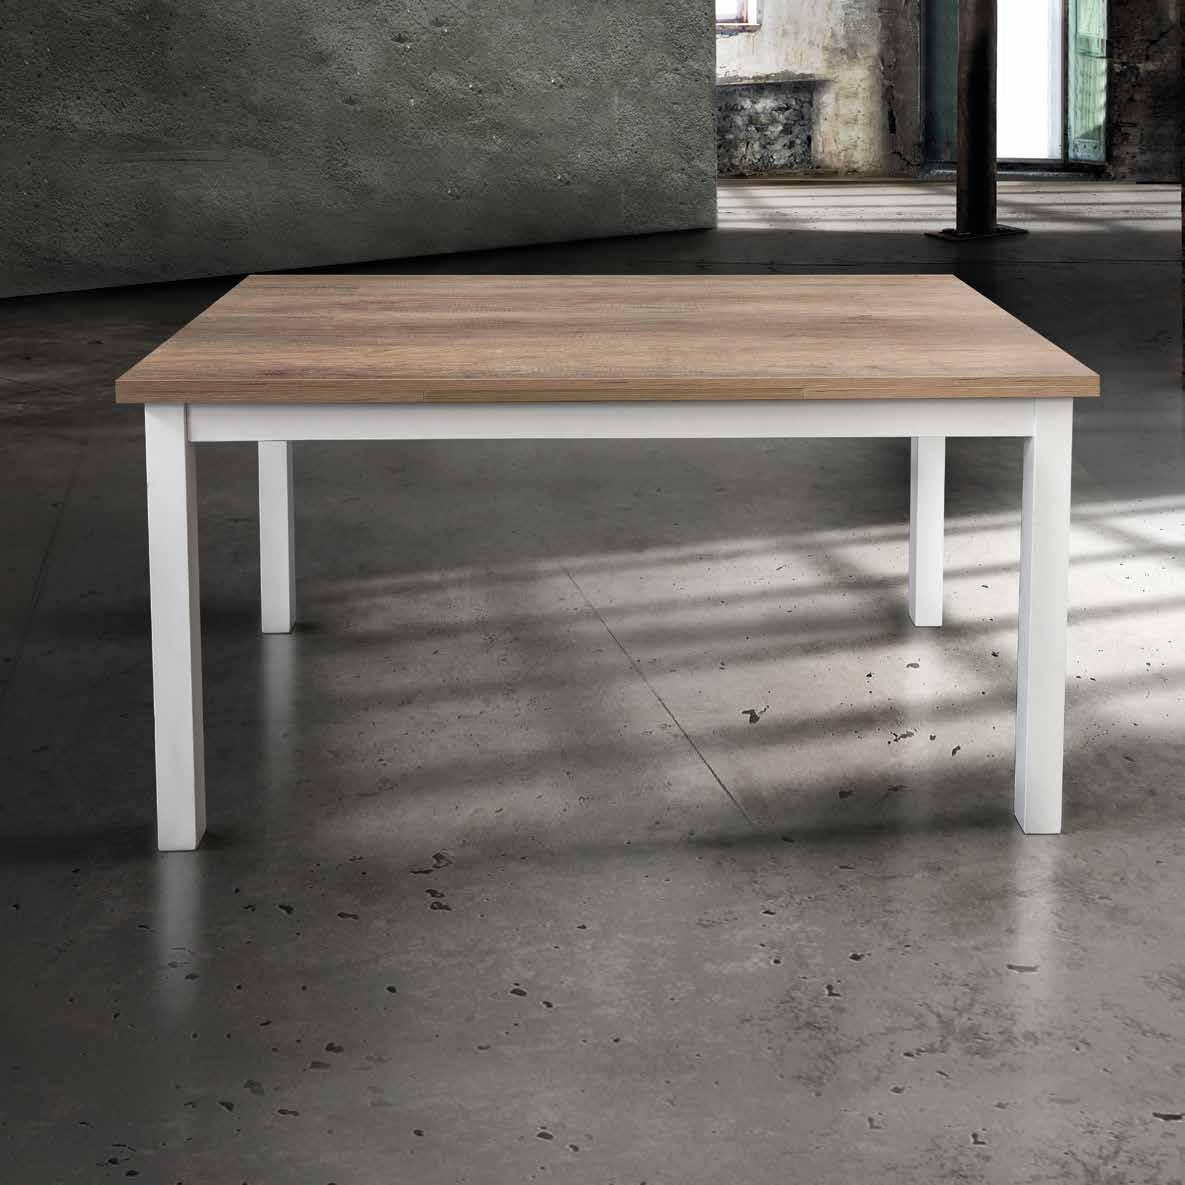 InHouse srls Holztisch mit Metallbeinen cm. 110X70 110X70 110X70 mit 2 Erweiterungen von 40. Offen 190x70 043836